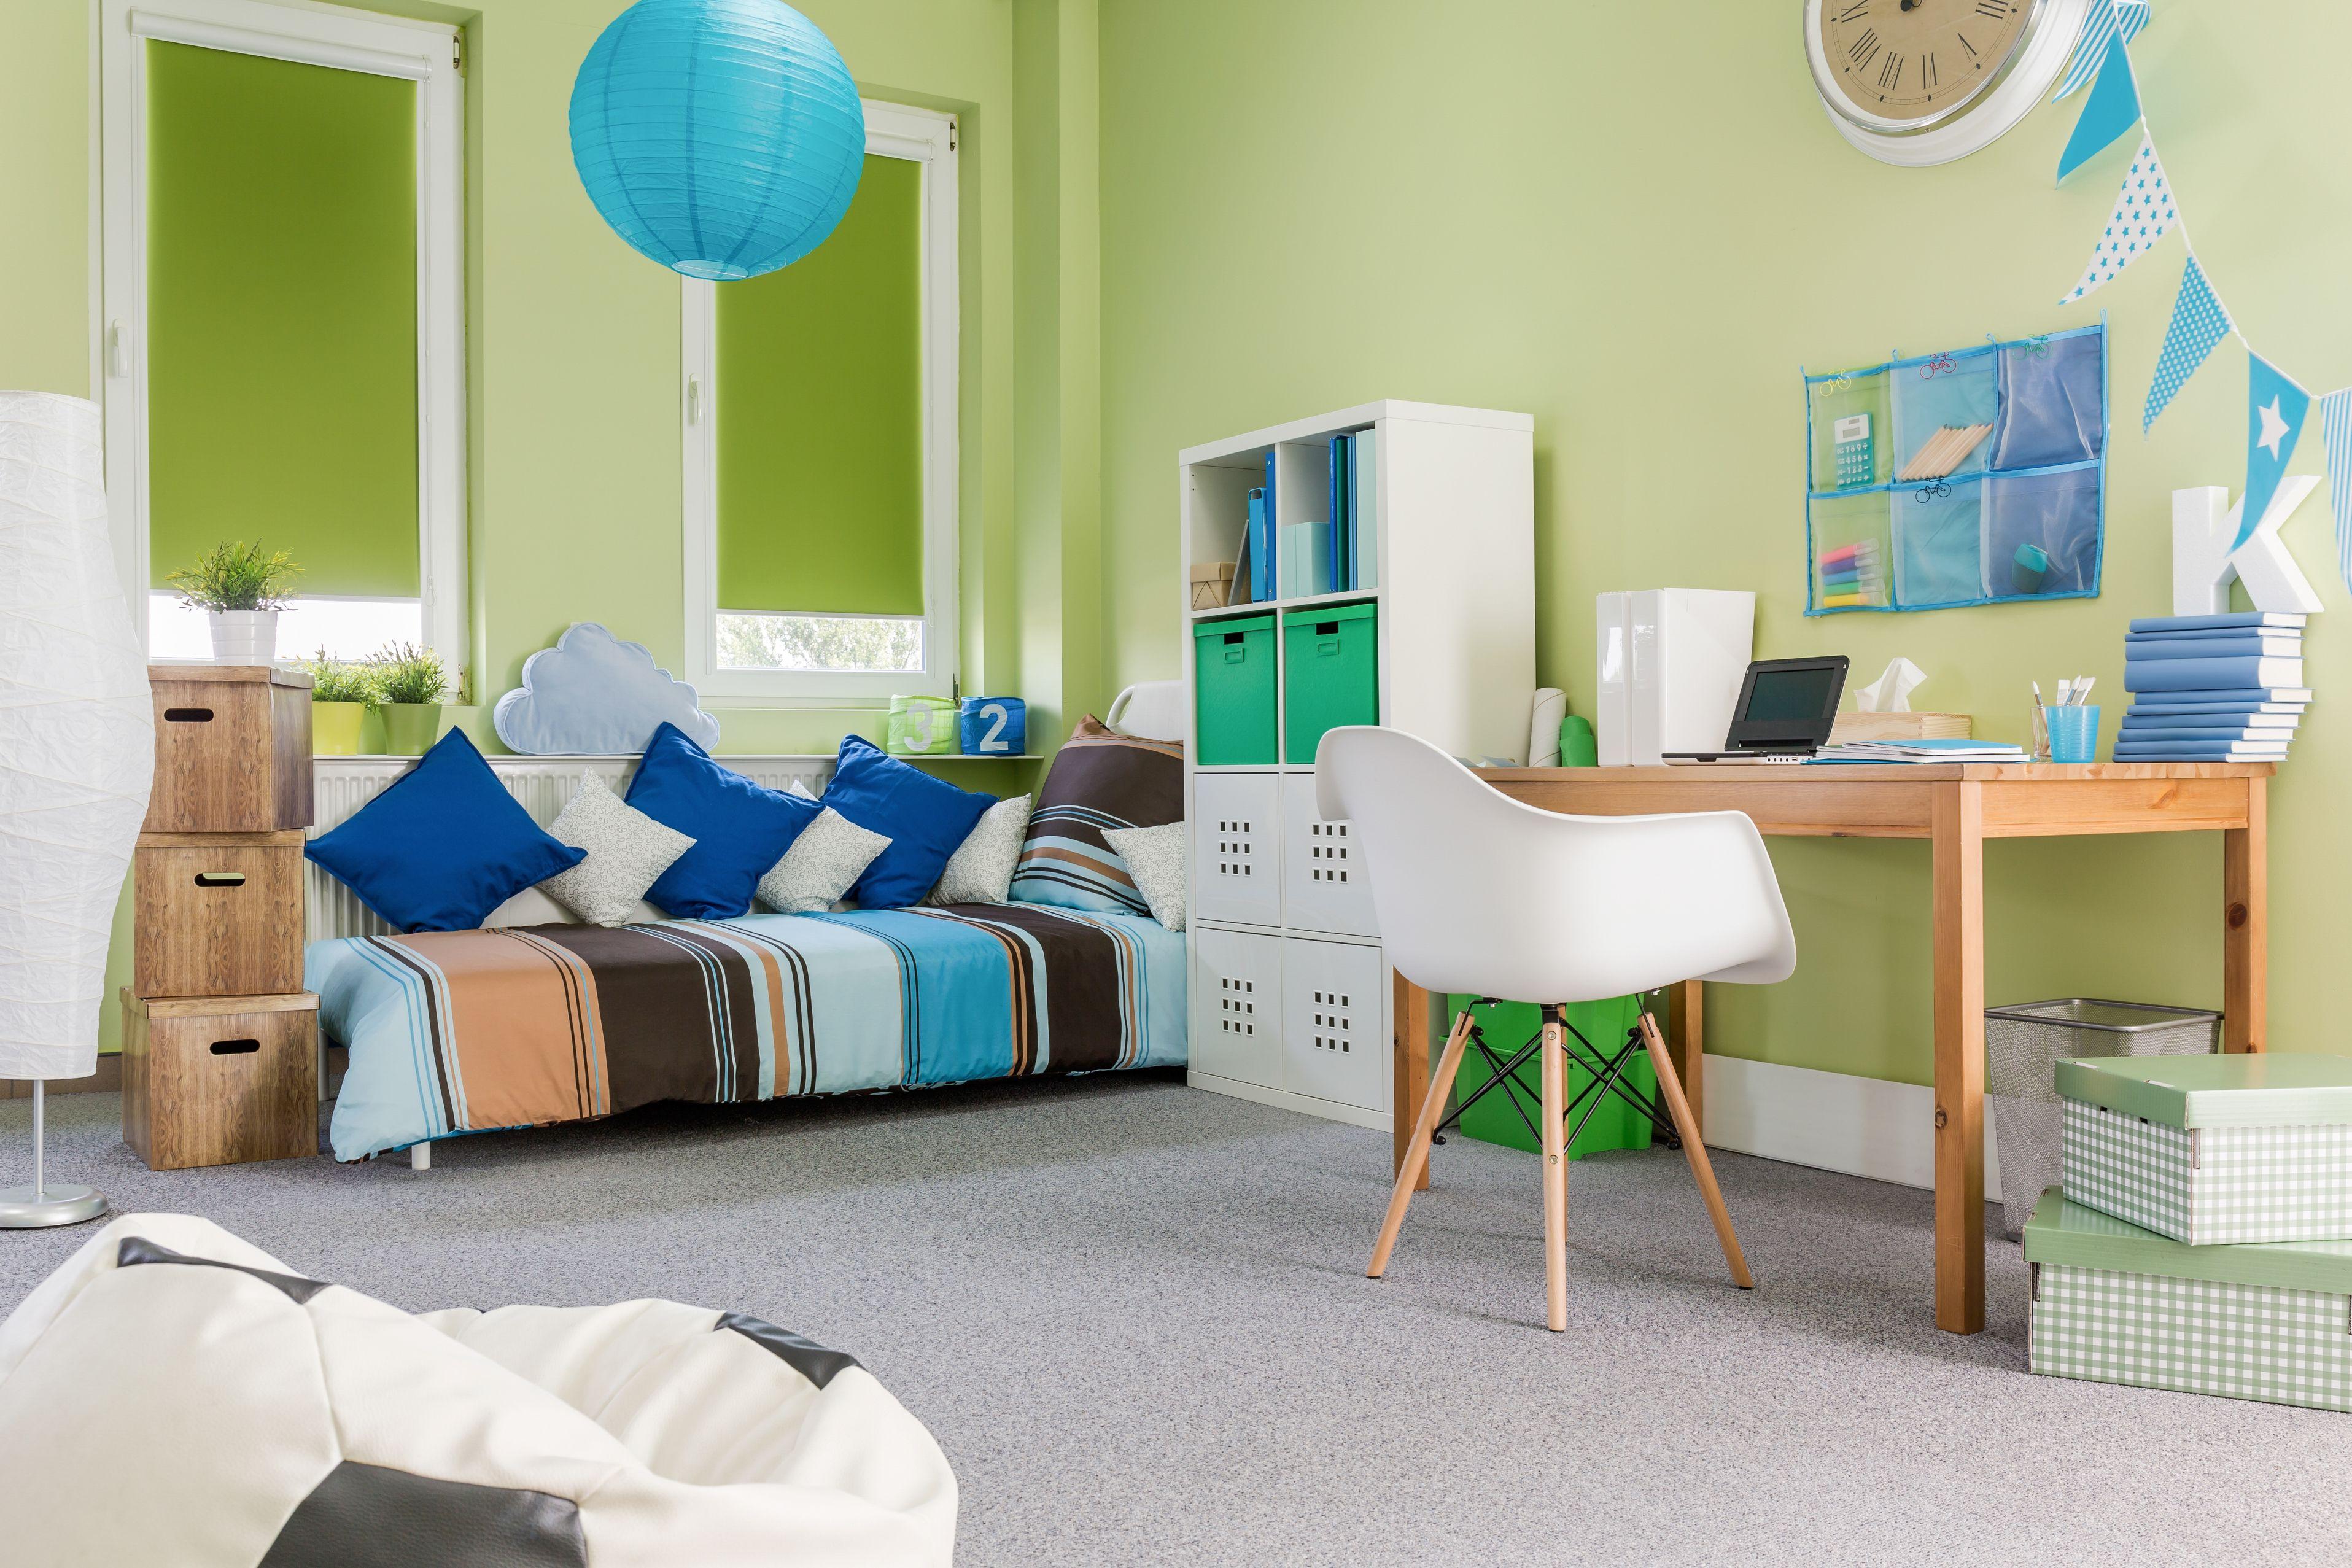 quelle couleur choisir pour votre chambre le mag visiondeco. Black Bedroom Furniture Sets. Home Design Ideas